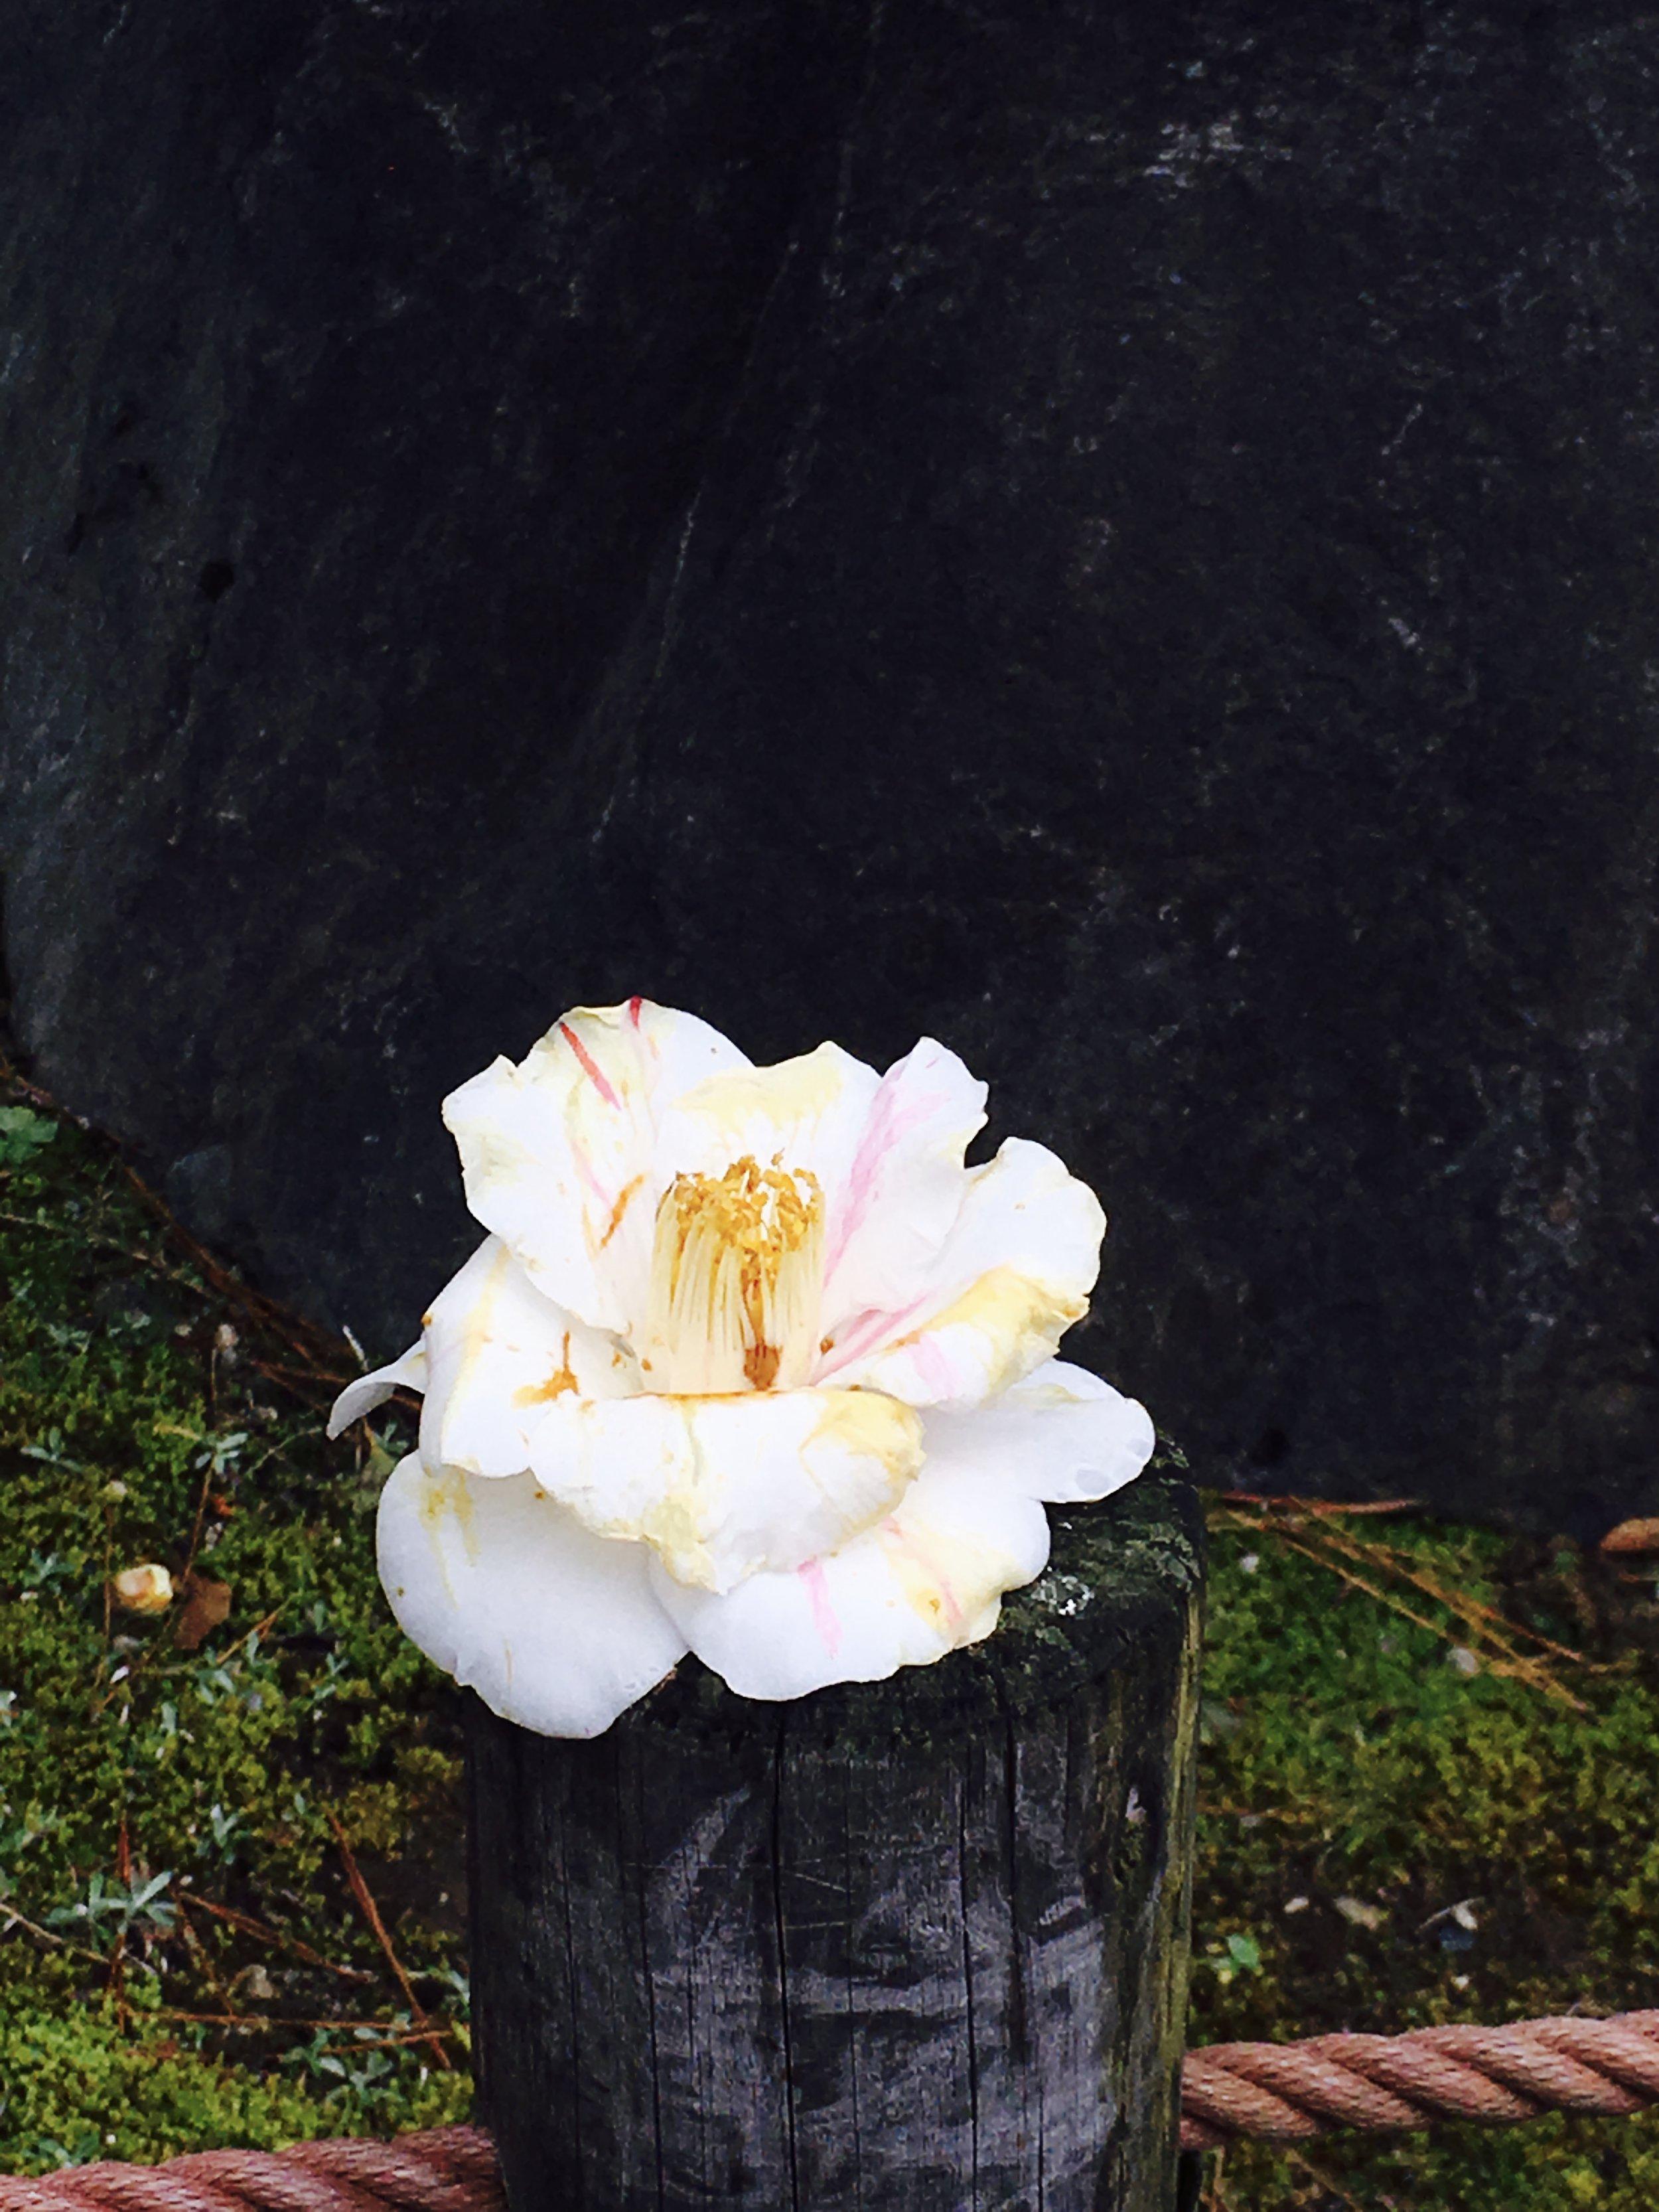 再沿路上看到一朵剛墜下來的花